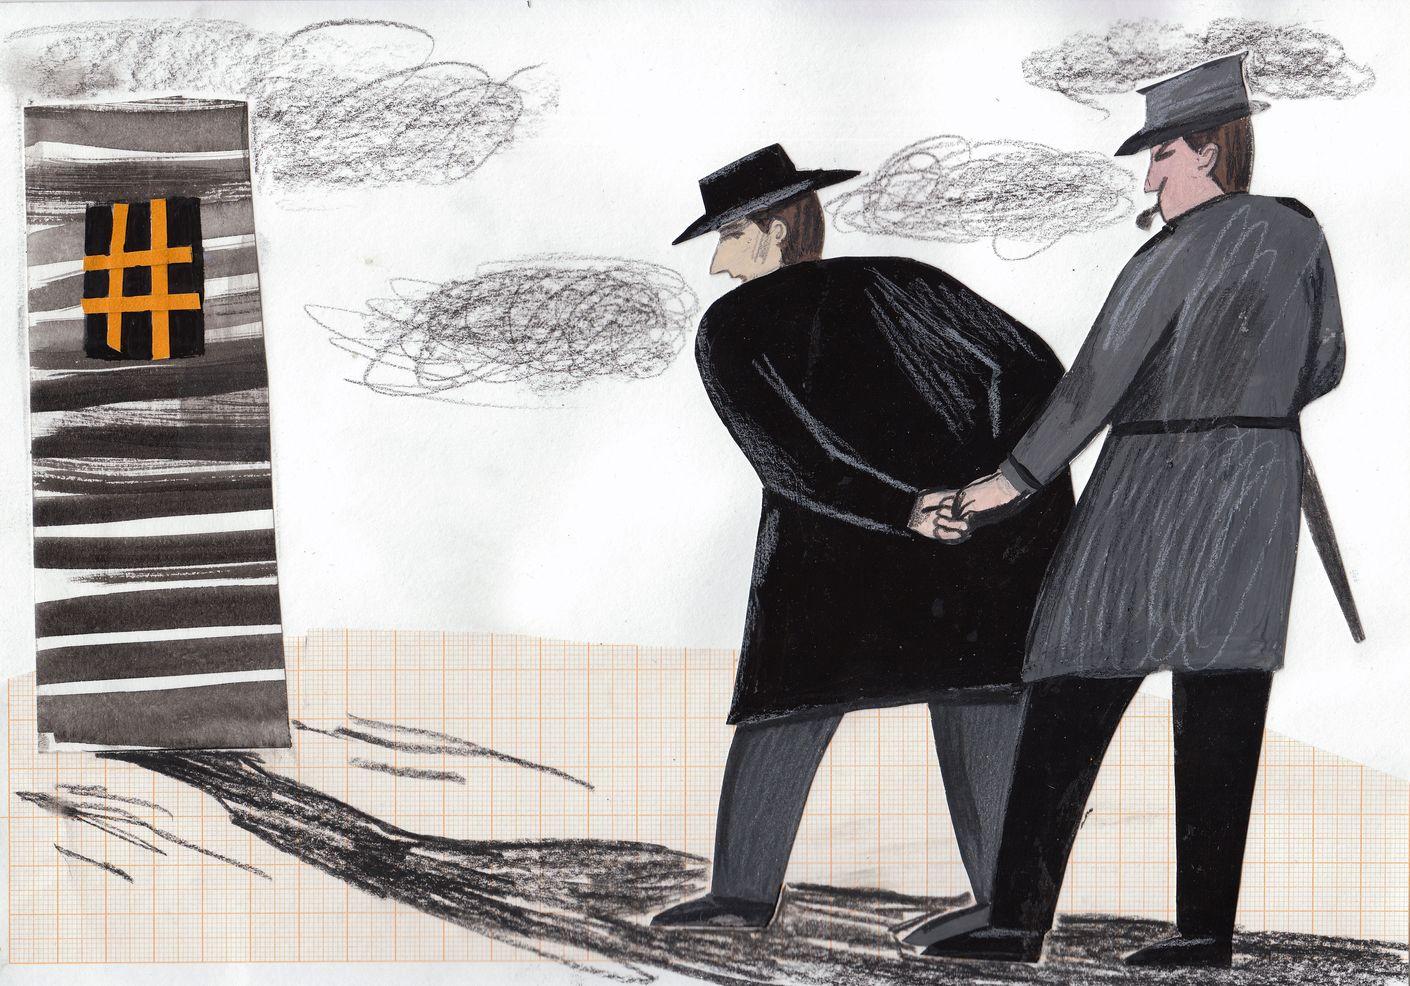 Серия иллюстраций к рассказу О.Генри «Русские соболя», автор Е.Чумаченко Лаборатория дизайна НИУ ВШЭ - hsedesignlab.ru